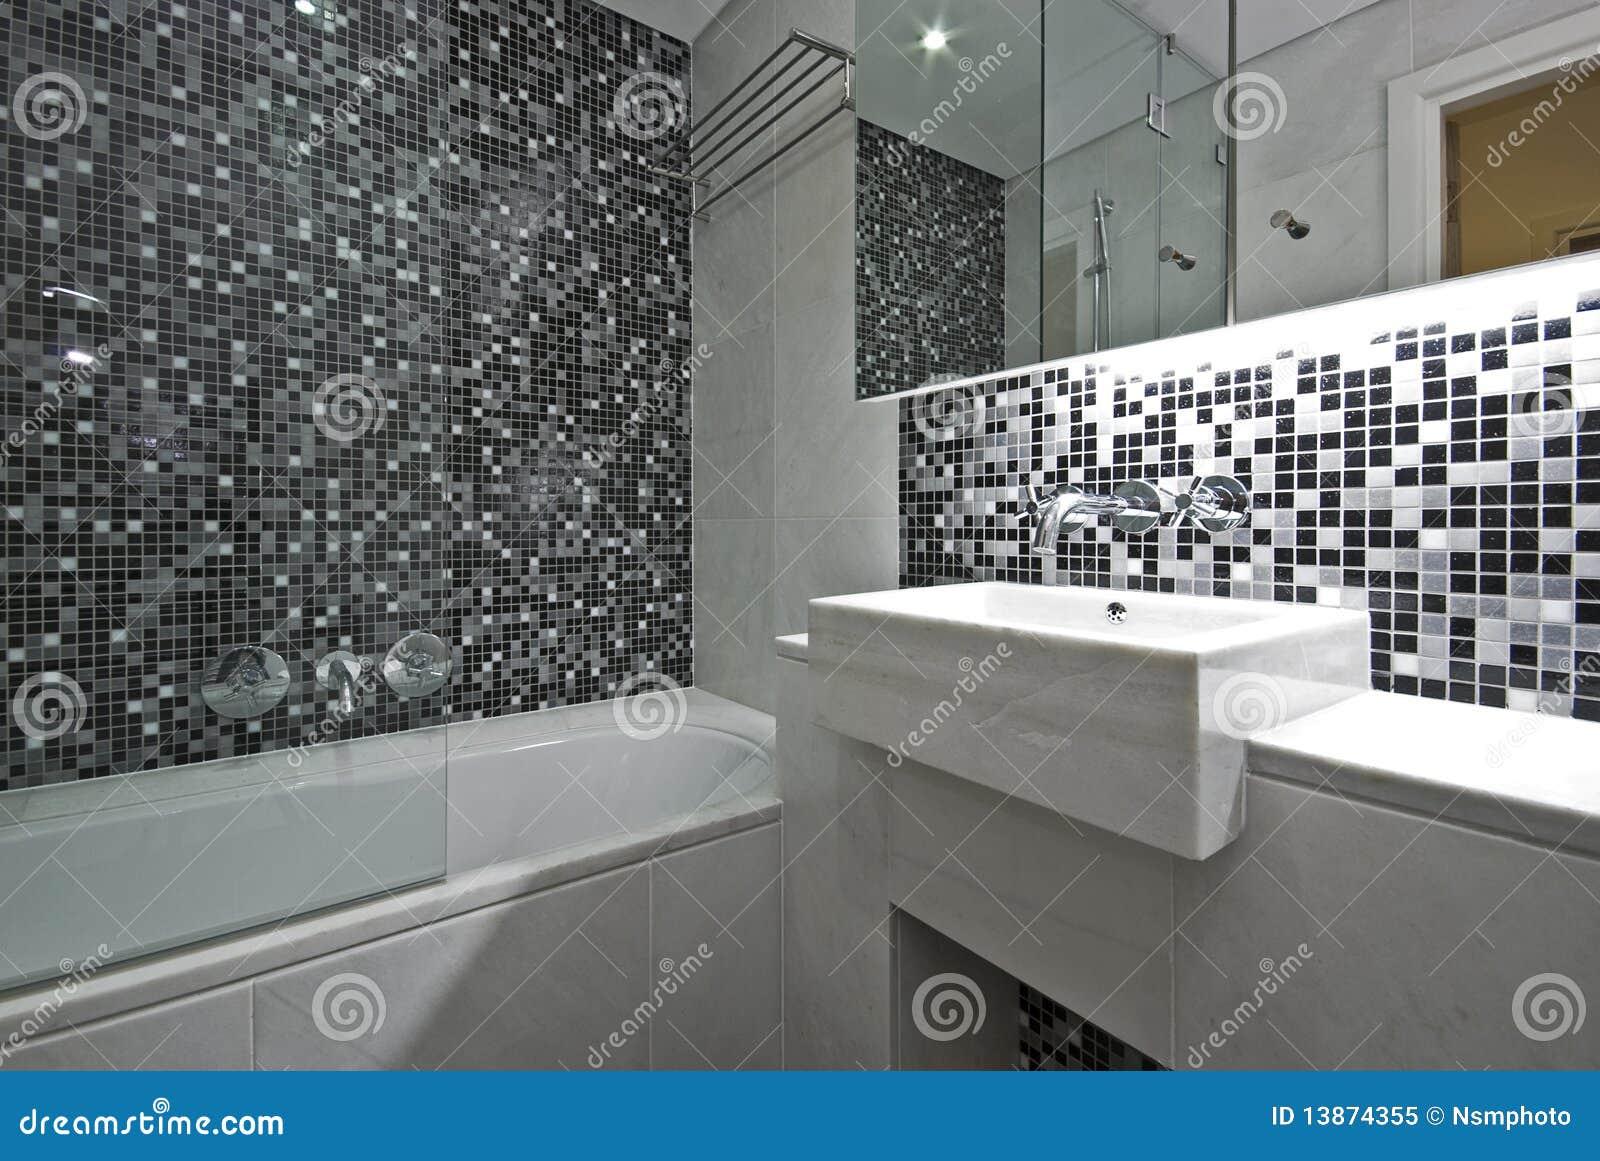 #758447 Banheiro Contemporâneo Da En série Em Preto E Branco Foto de Stock  1300x960 px Banheiro Em Branco E Preto 3281